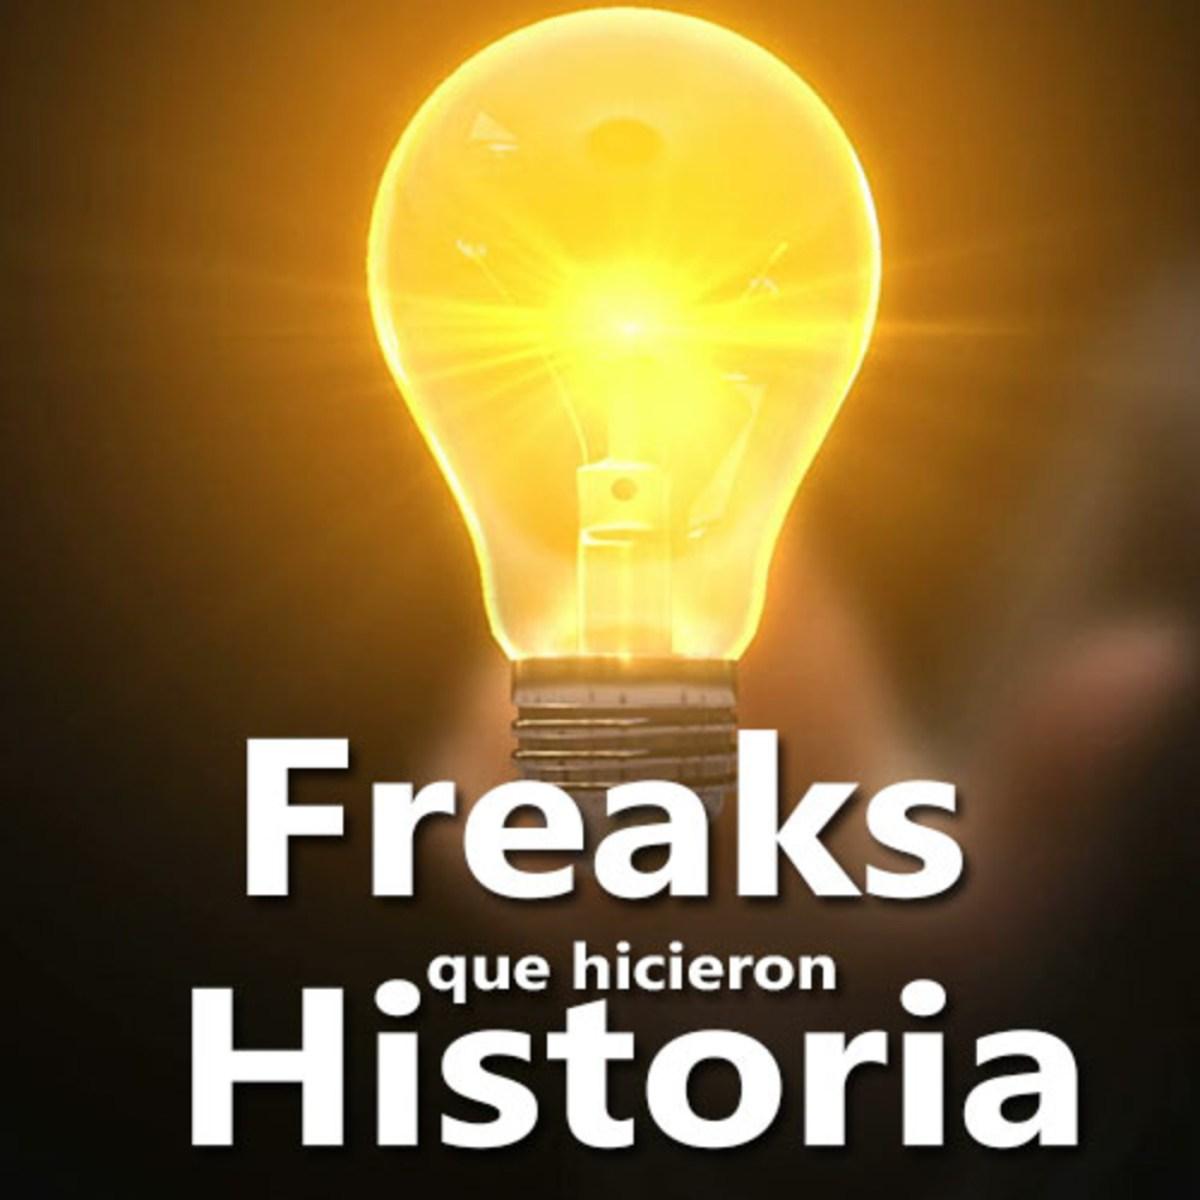 Freaks que hicieron Historia